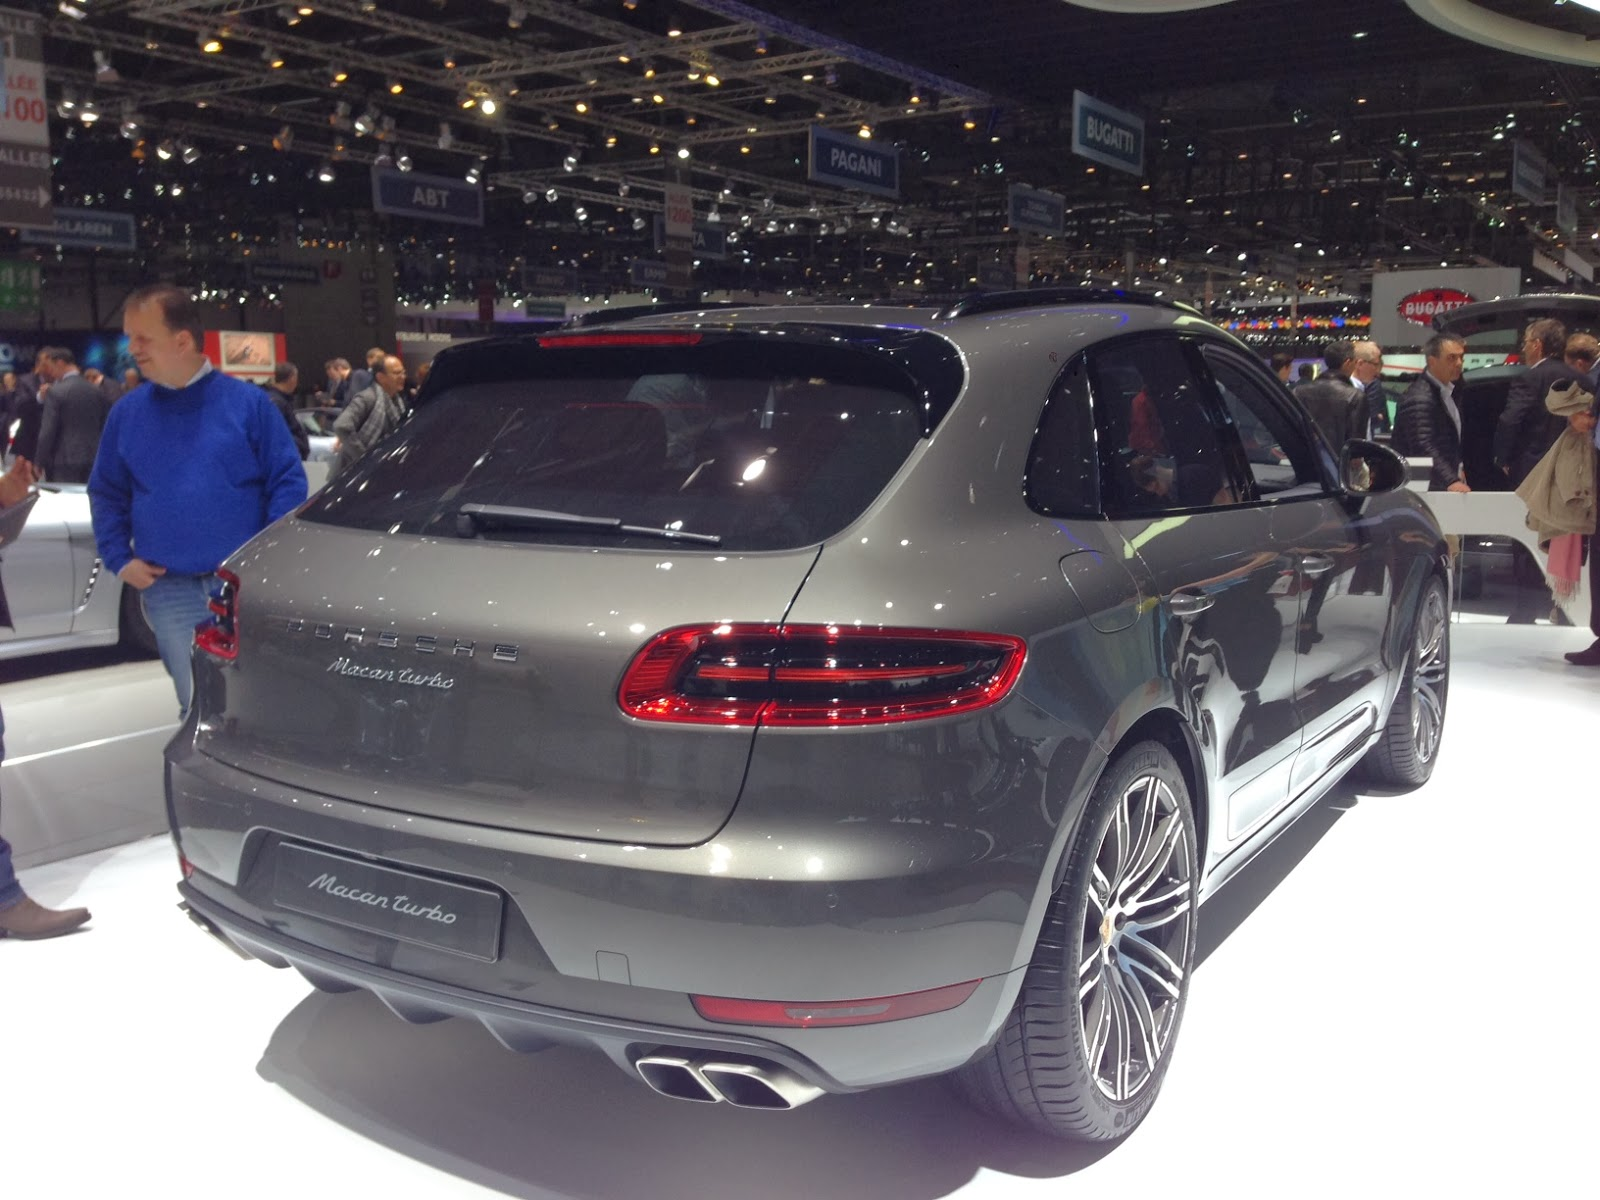 Porsche Macan at Geneva Motor Show